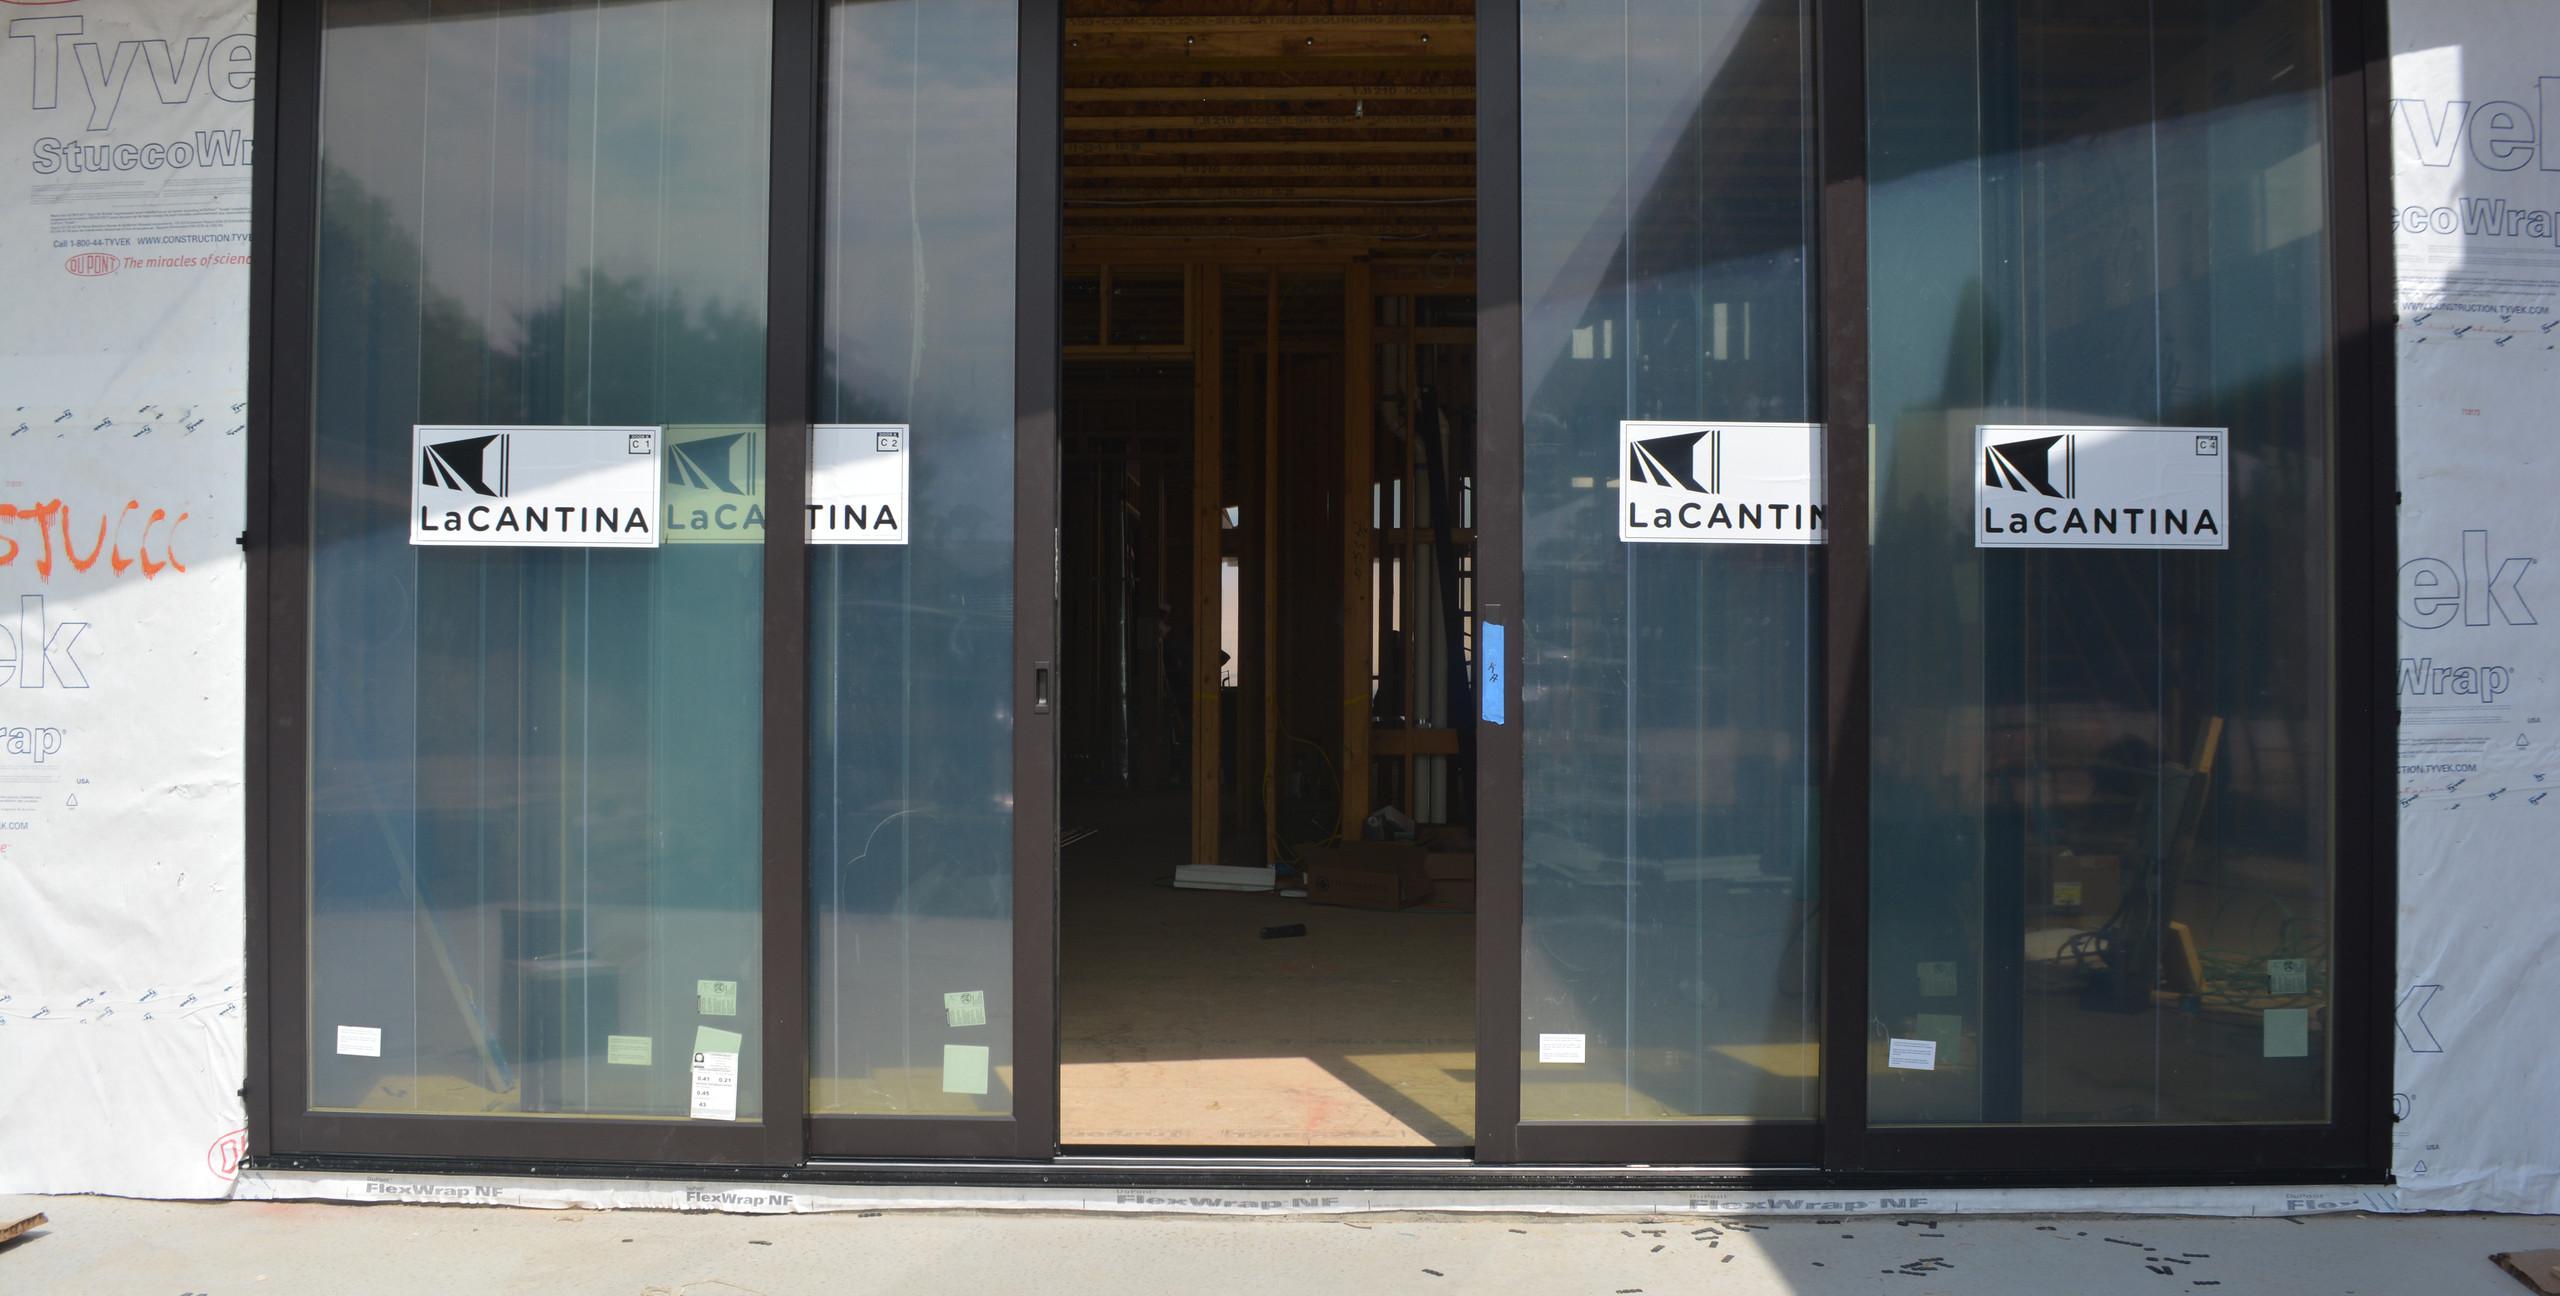 LaCantina Door installed with doors partway open